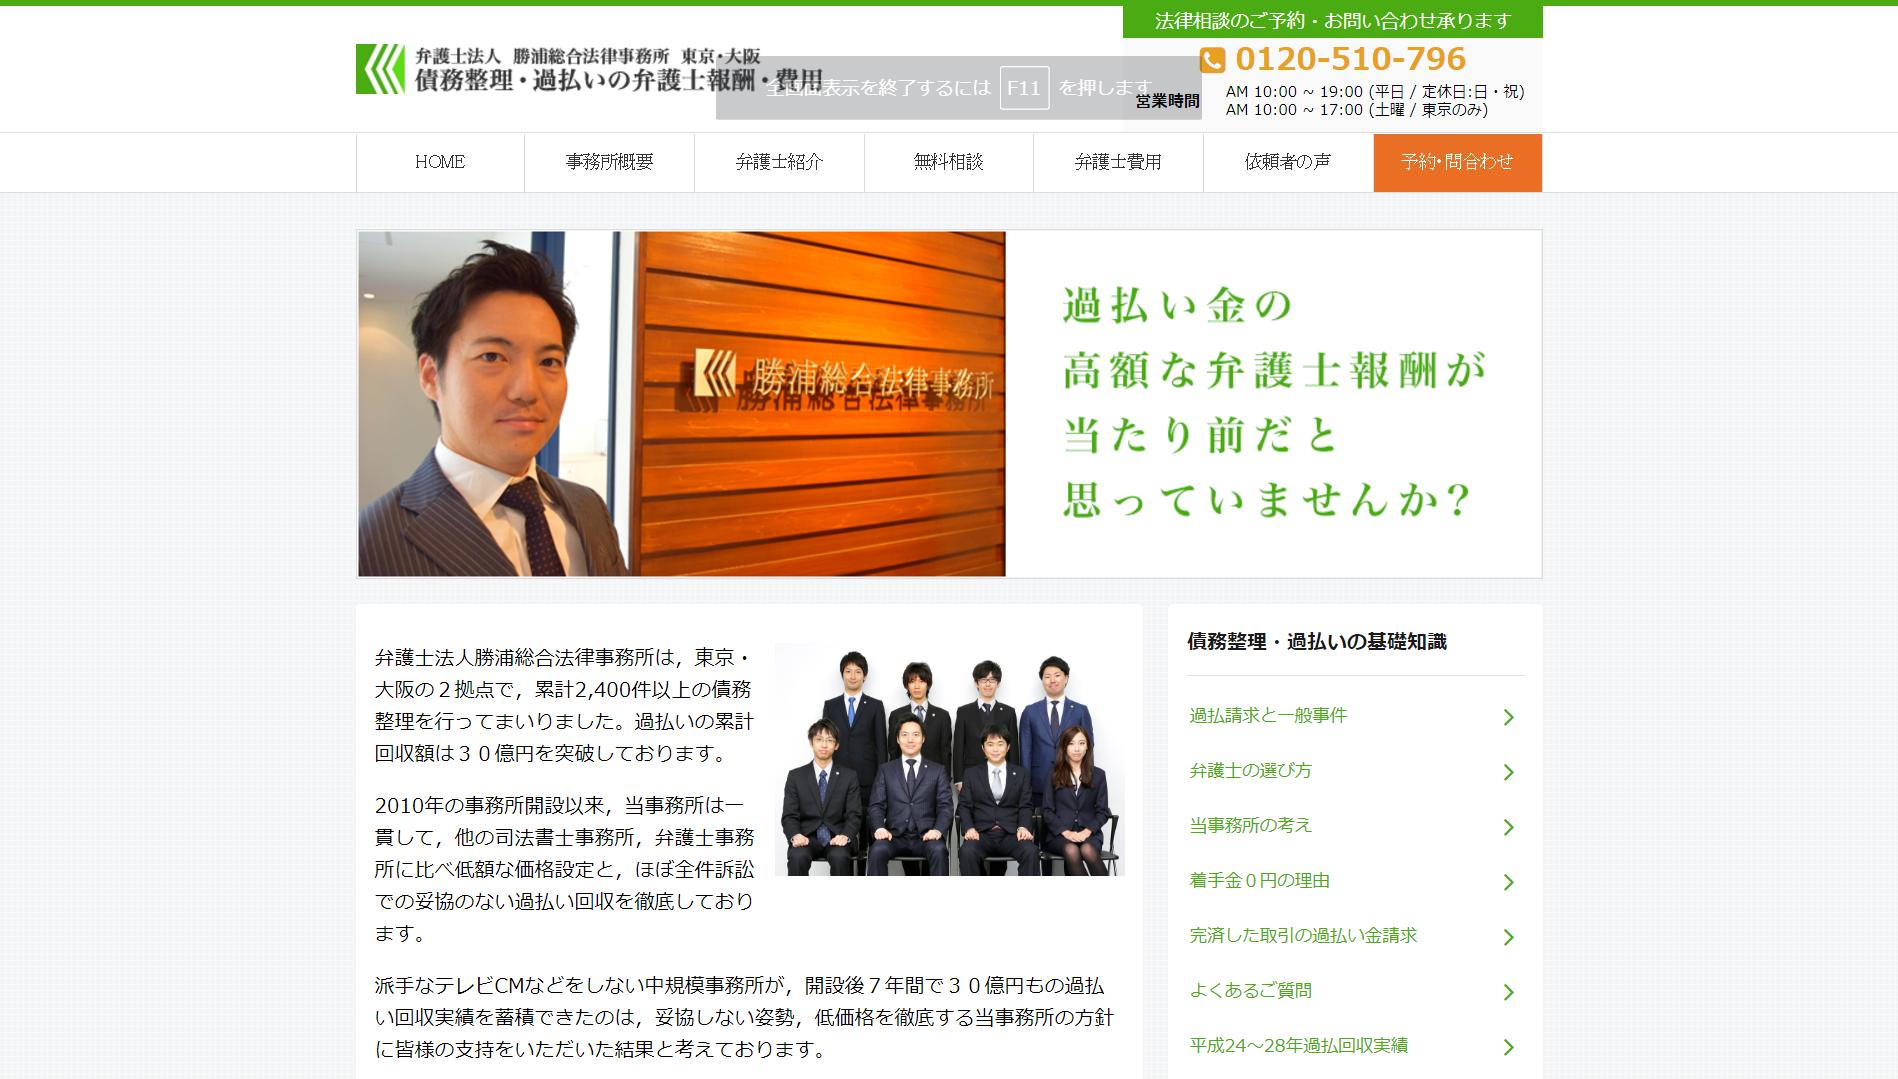 弁護士法人勝浦総合法律事務所(東京都港区南青山)